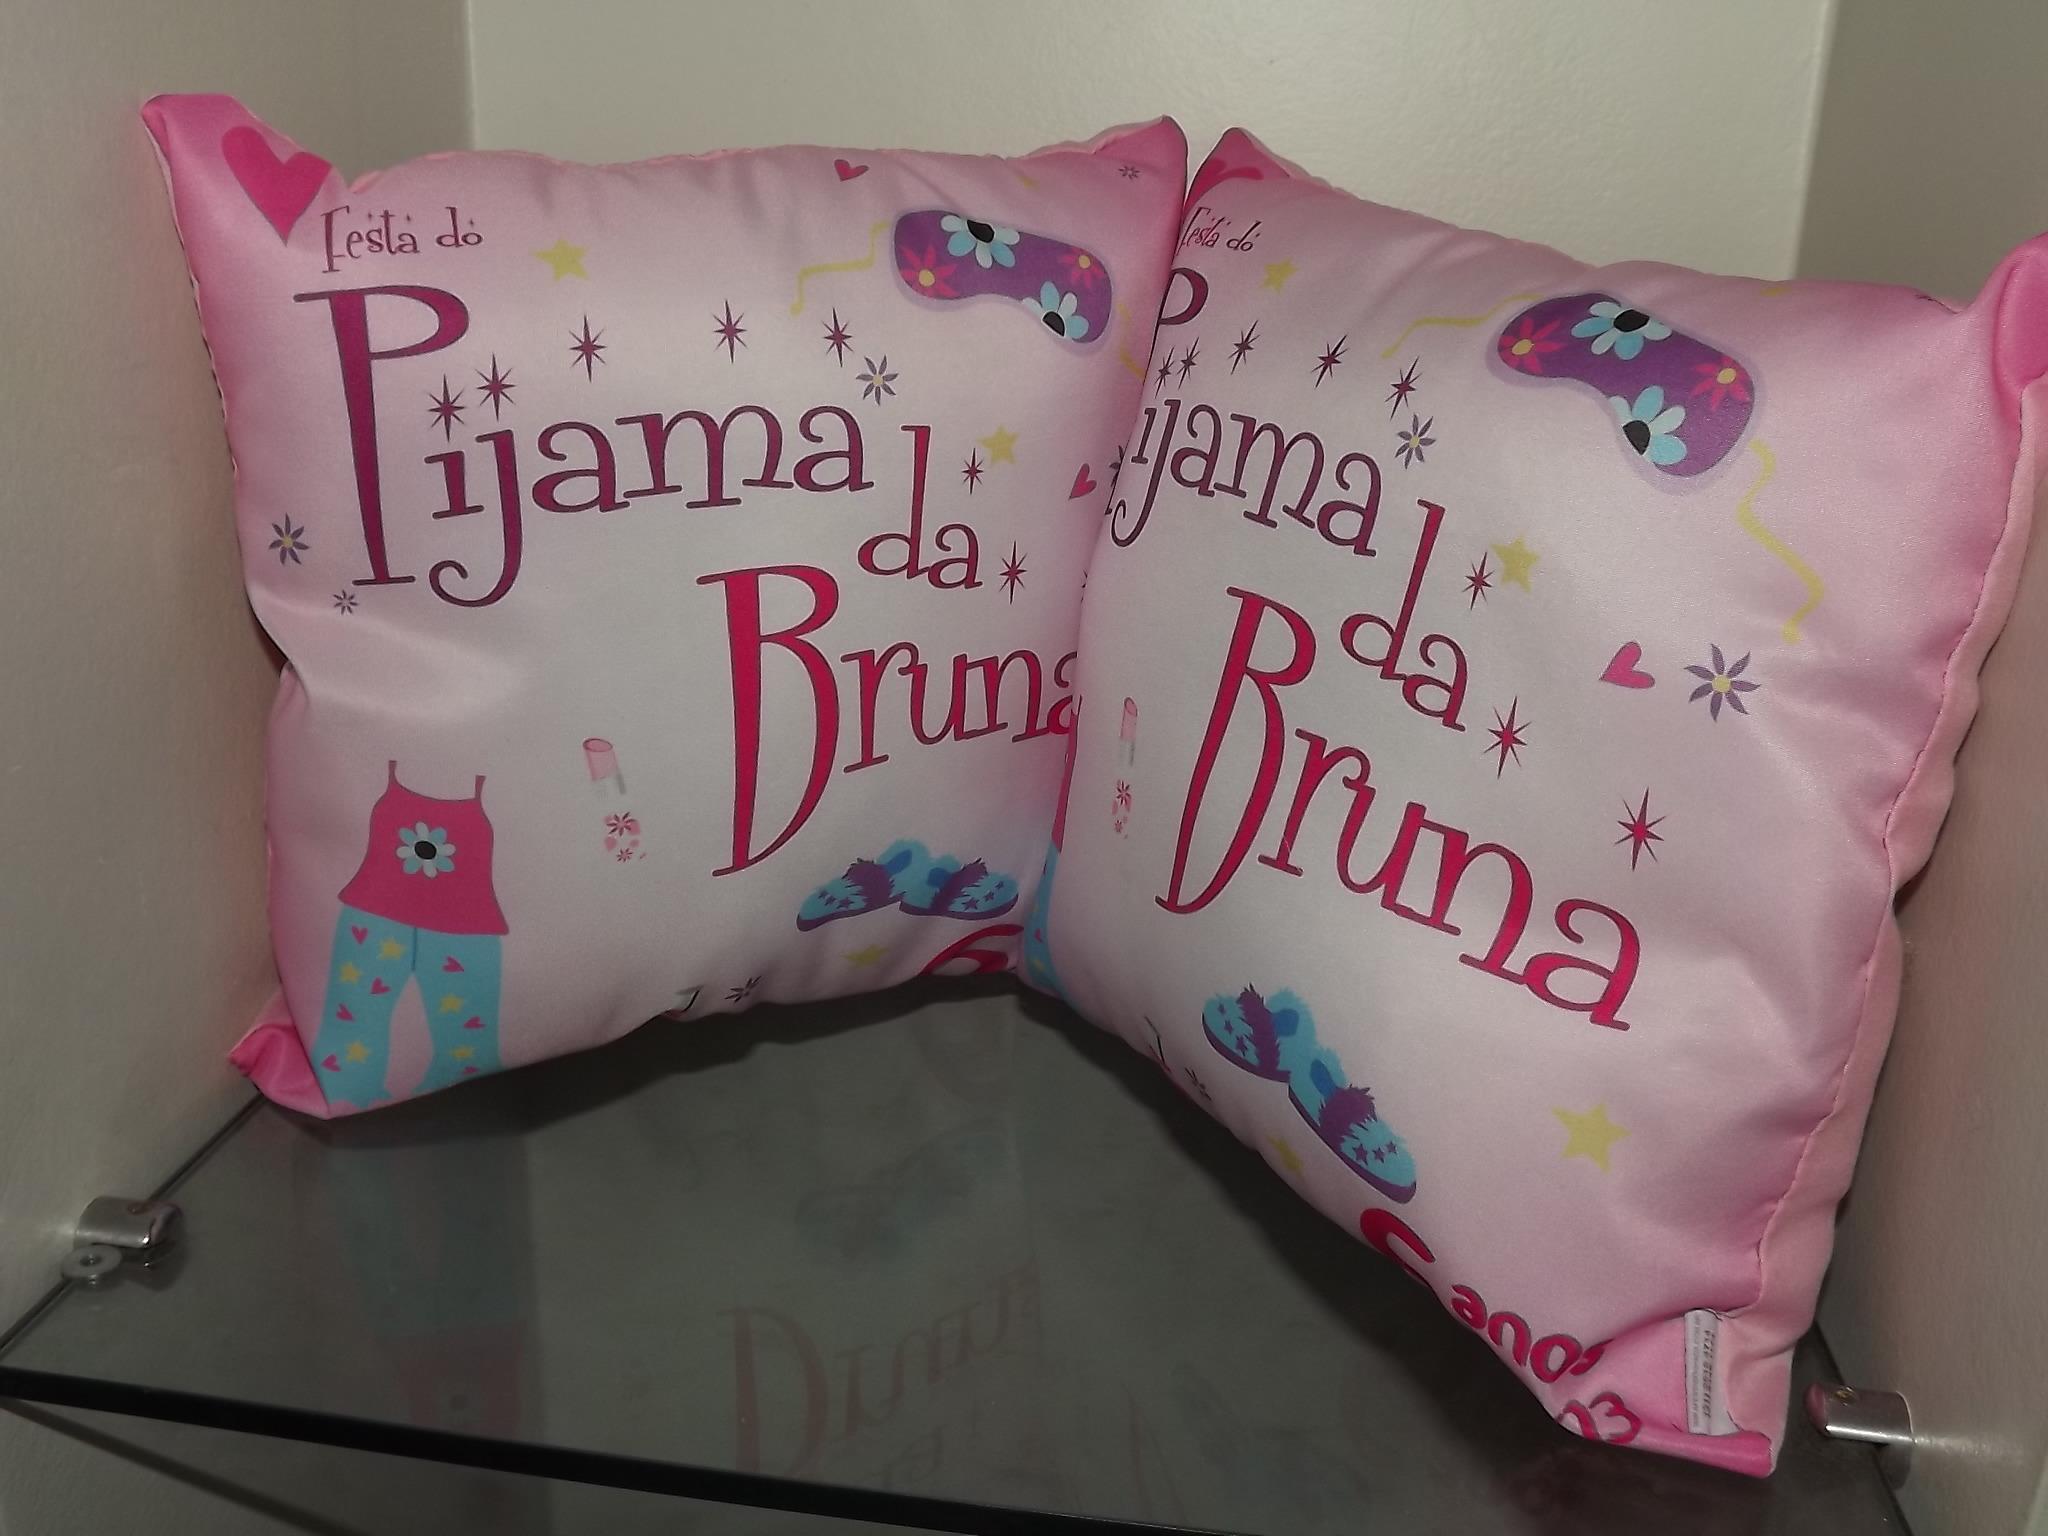 Ideias de comidinhas e decoração para você fazer uma festa do pijama